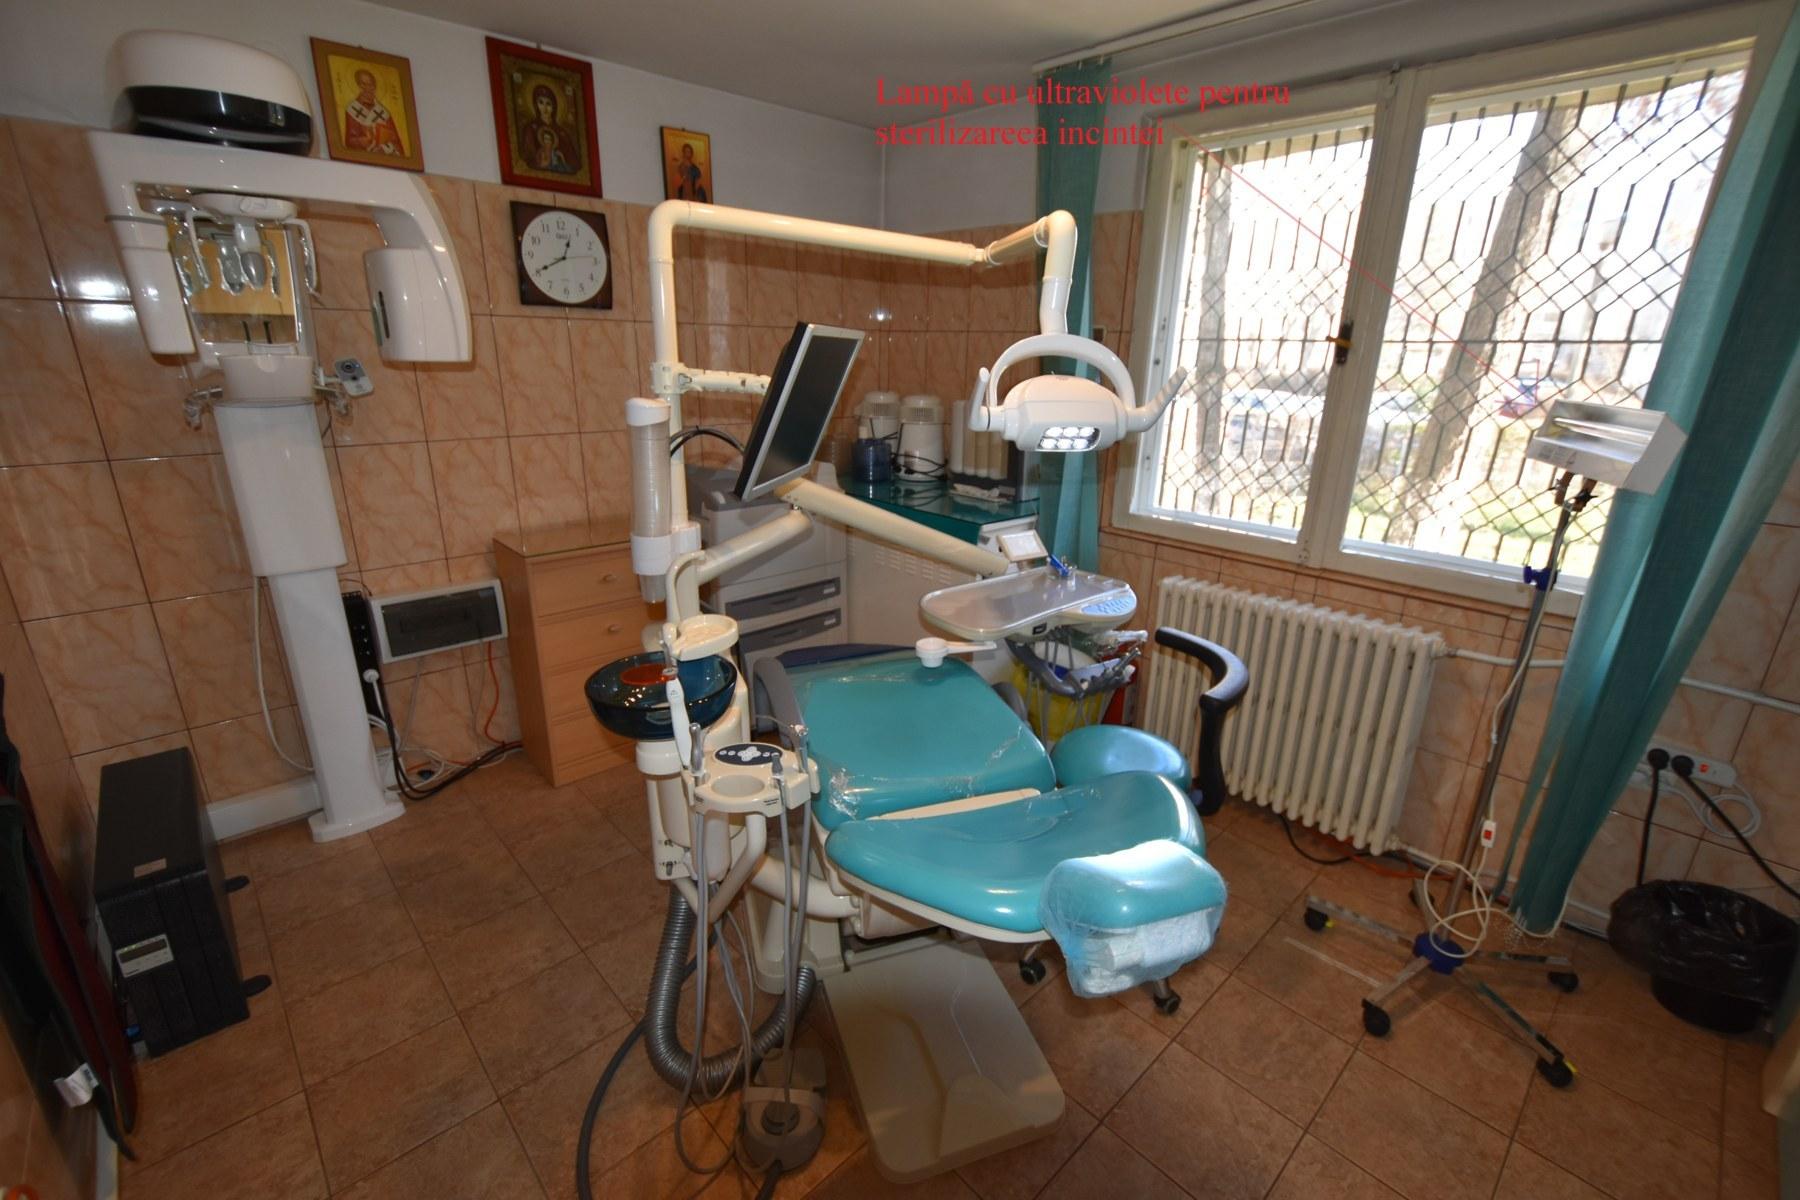 lampa cu ultraviolete pentru sterilizarea incintei (FILEminimizer)